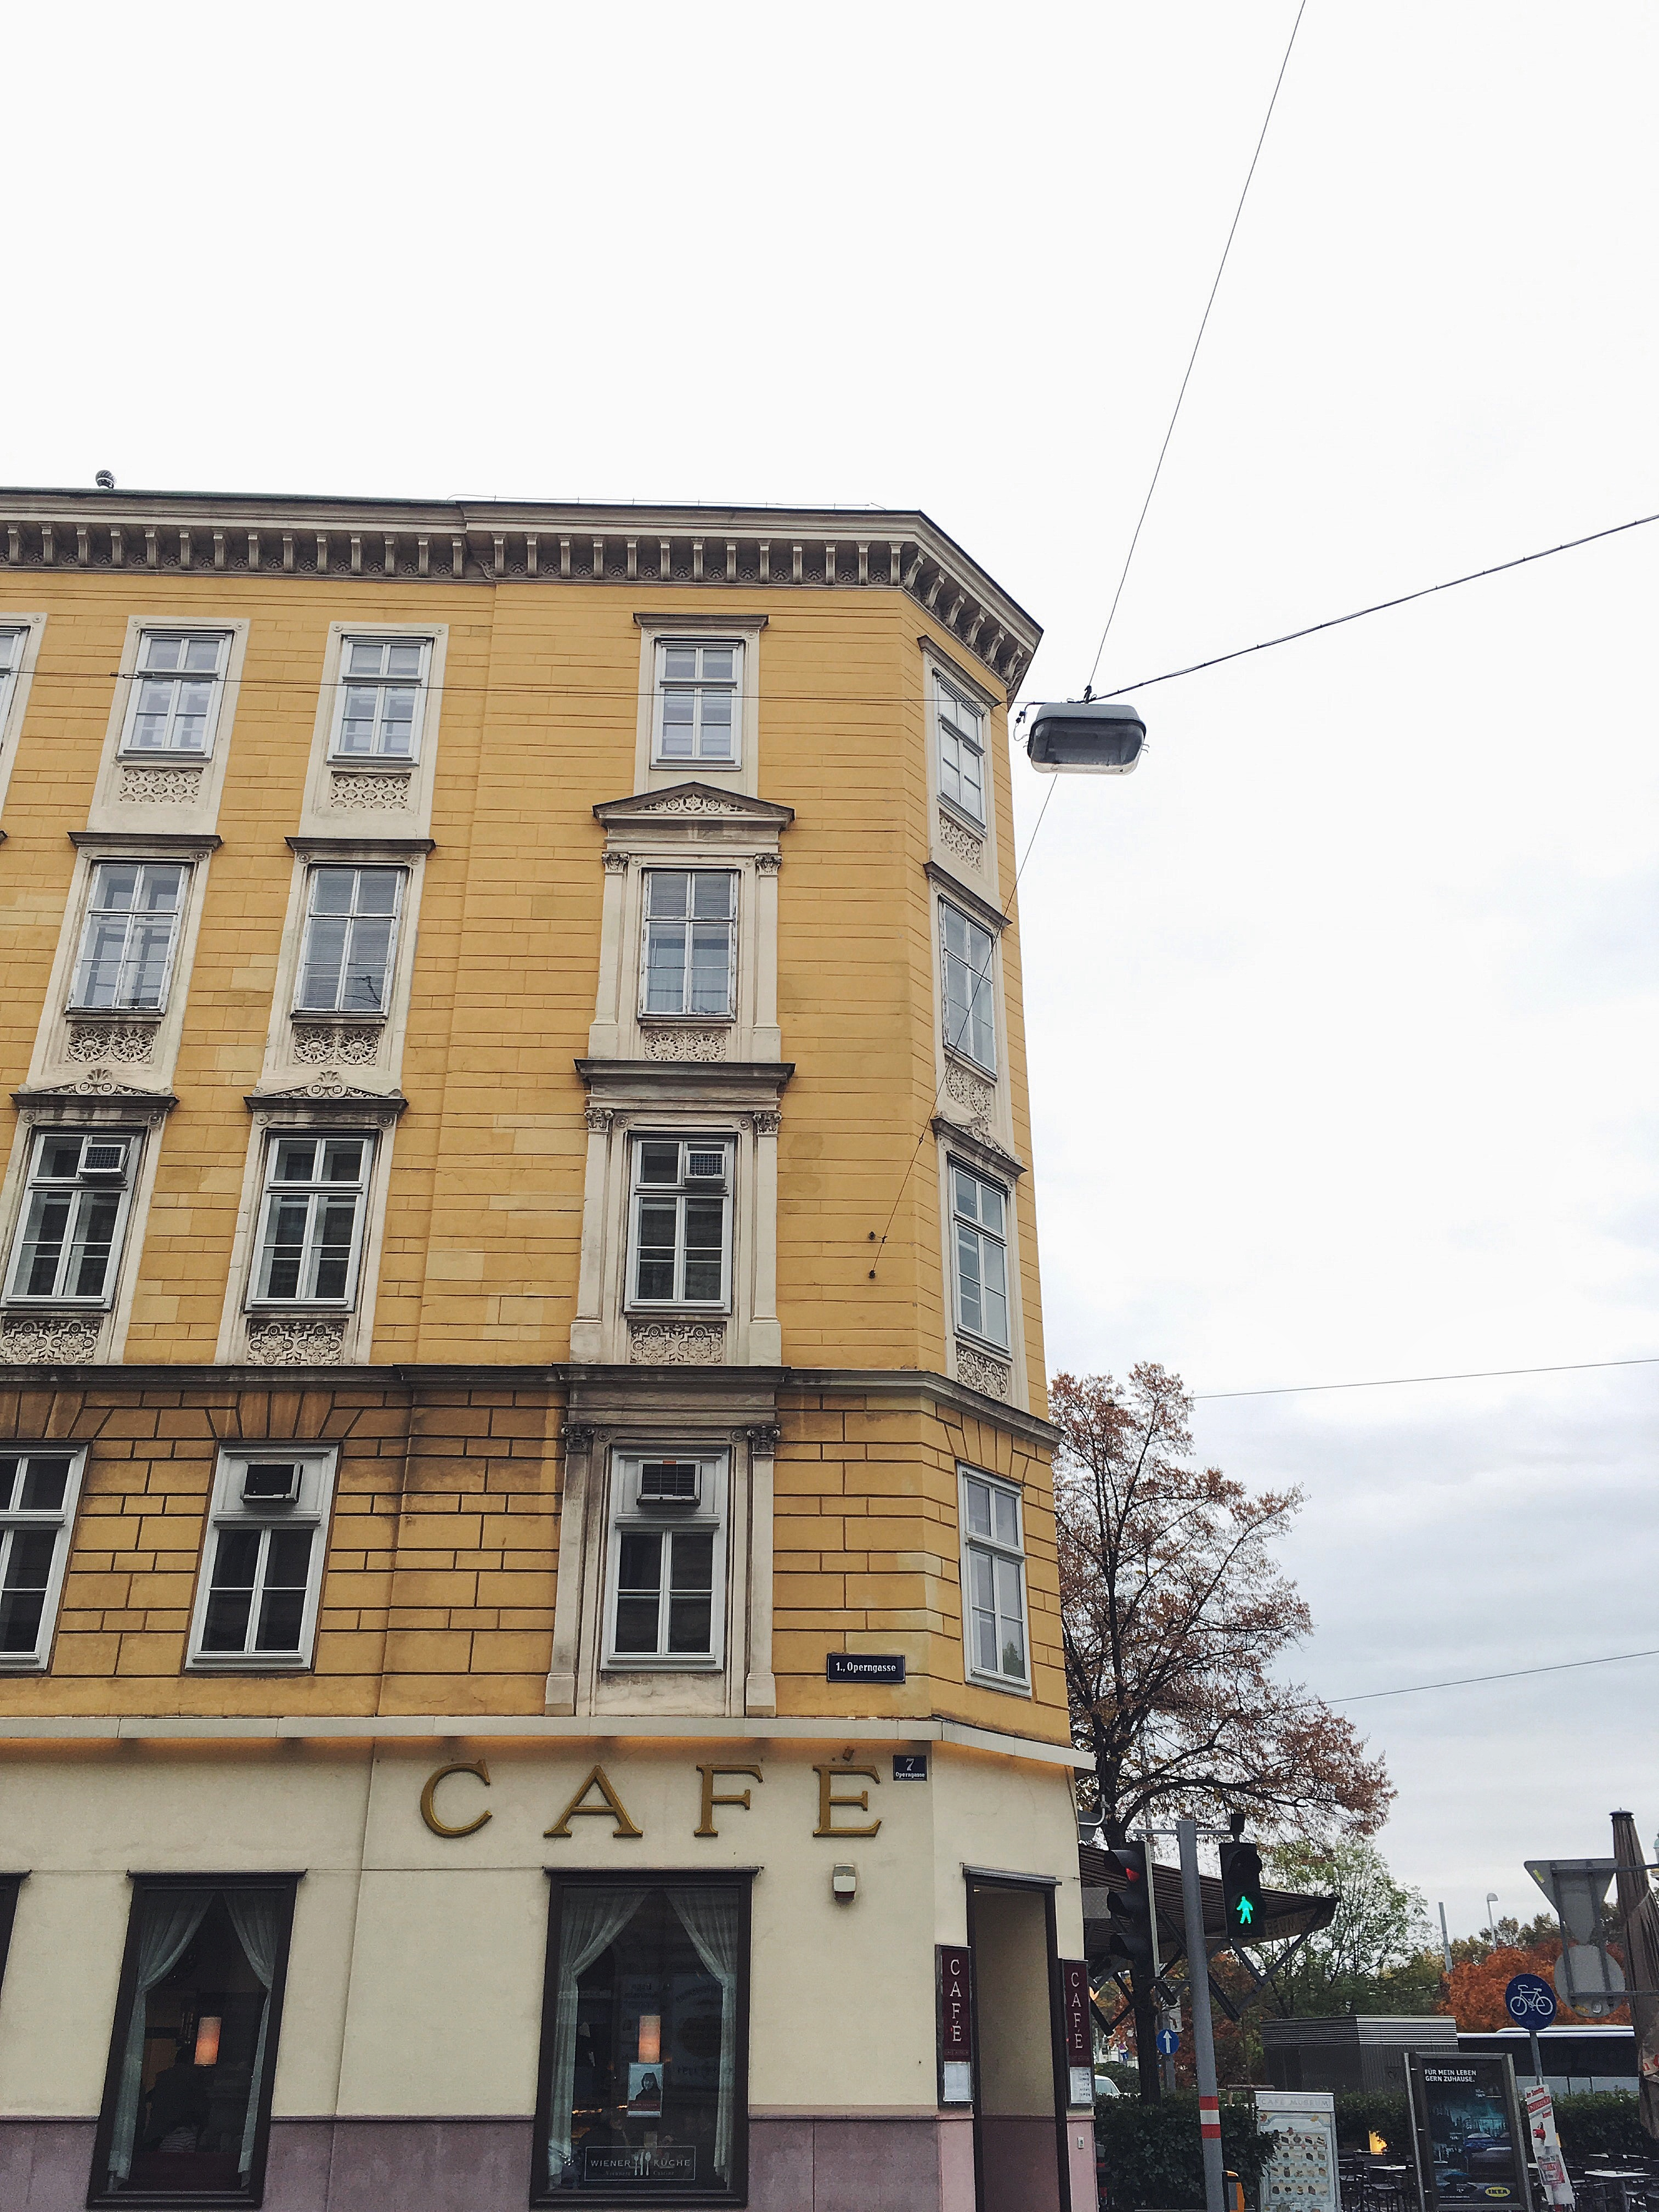 Café - Vienna